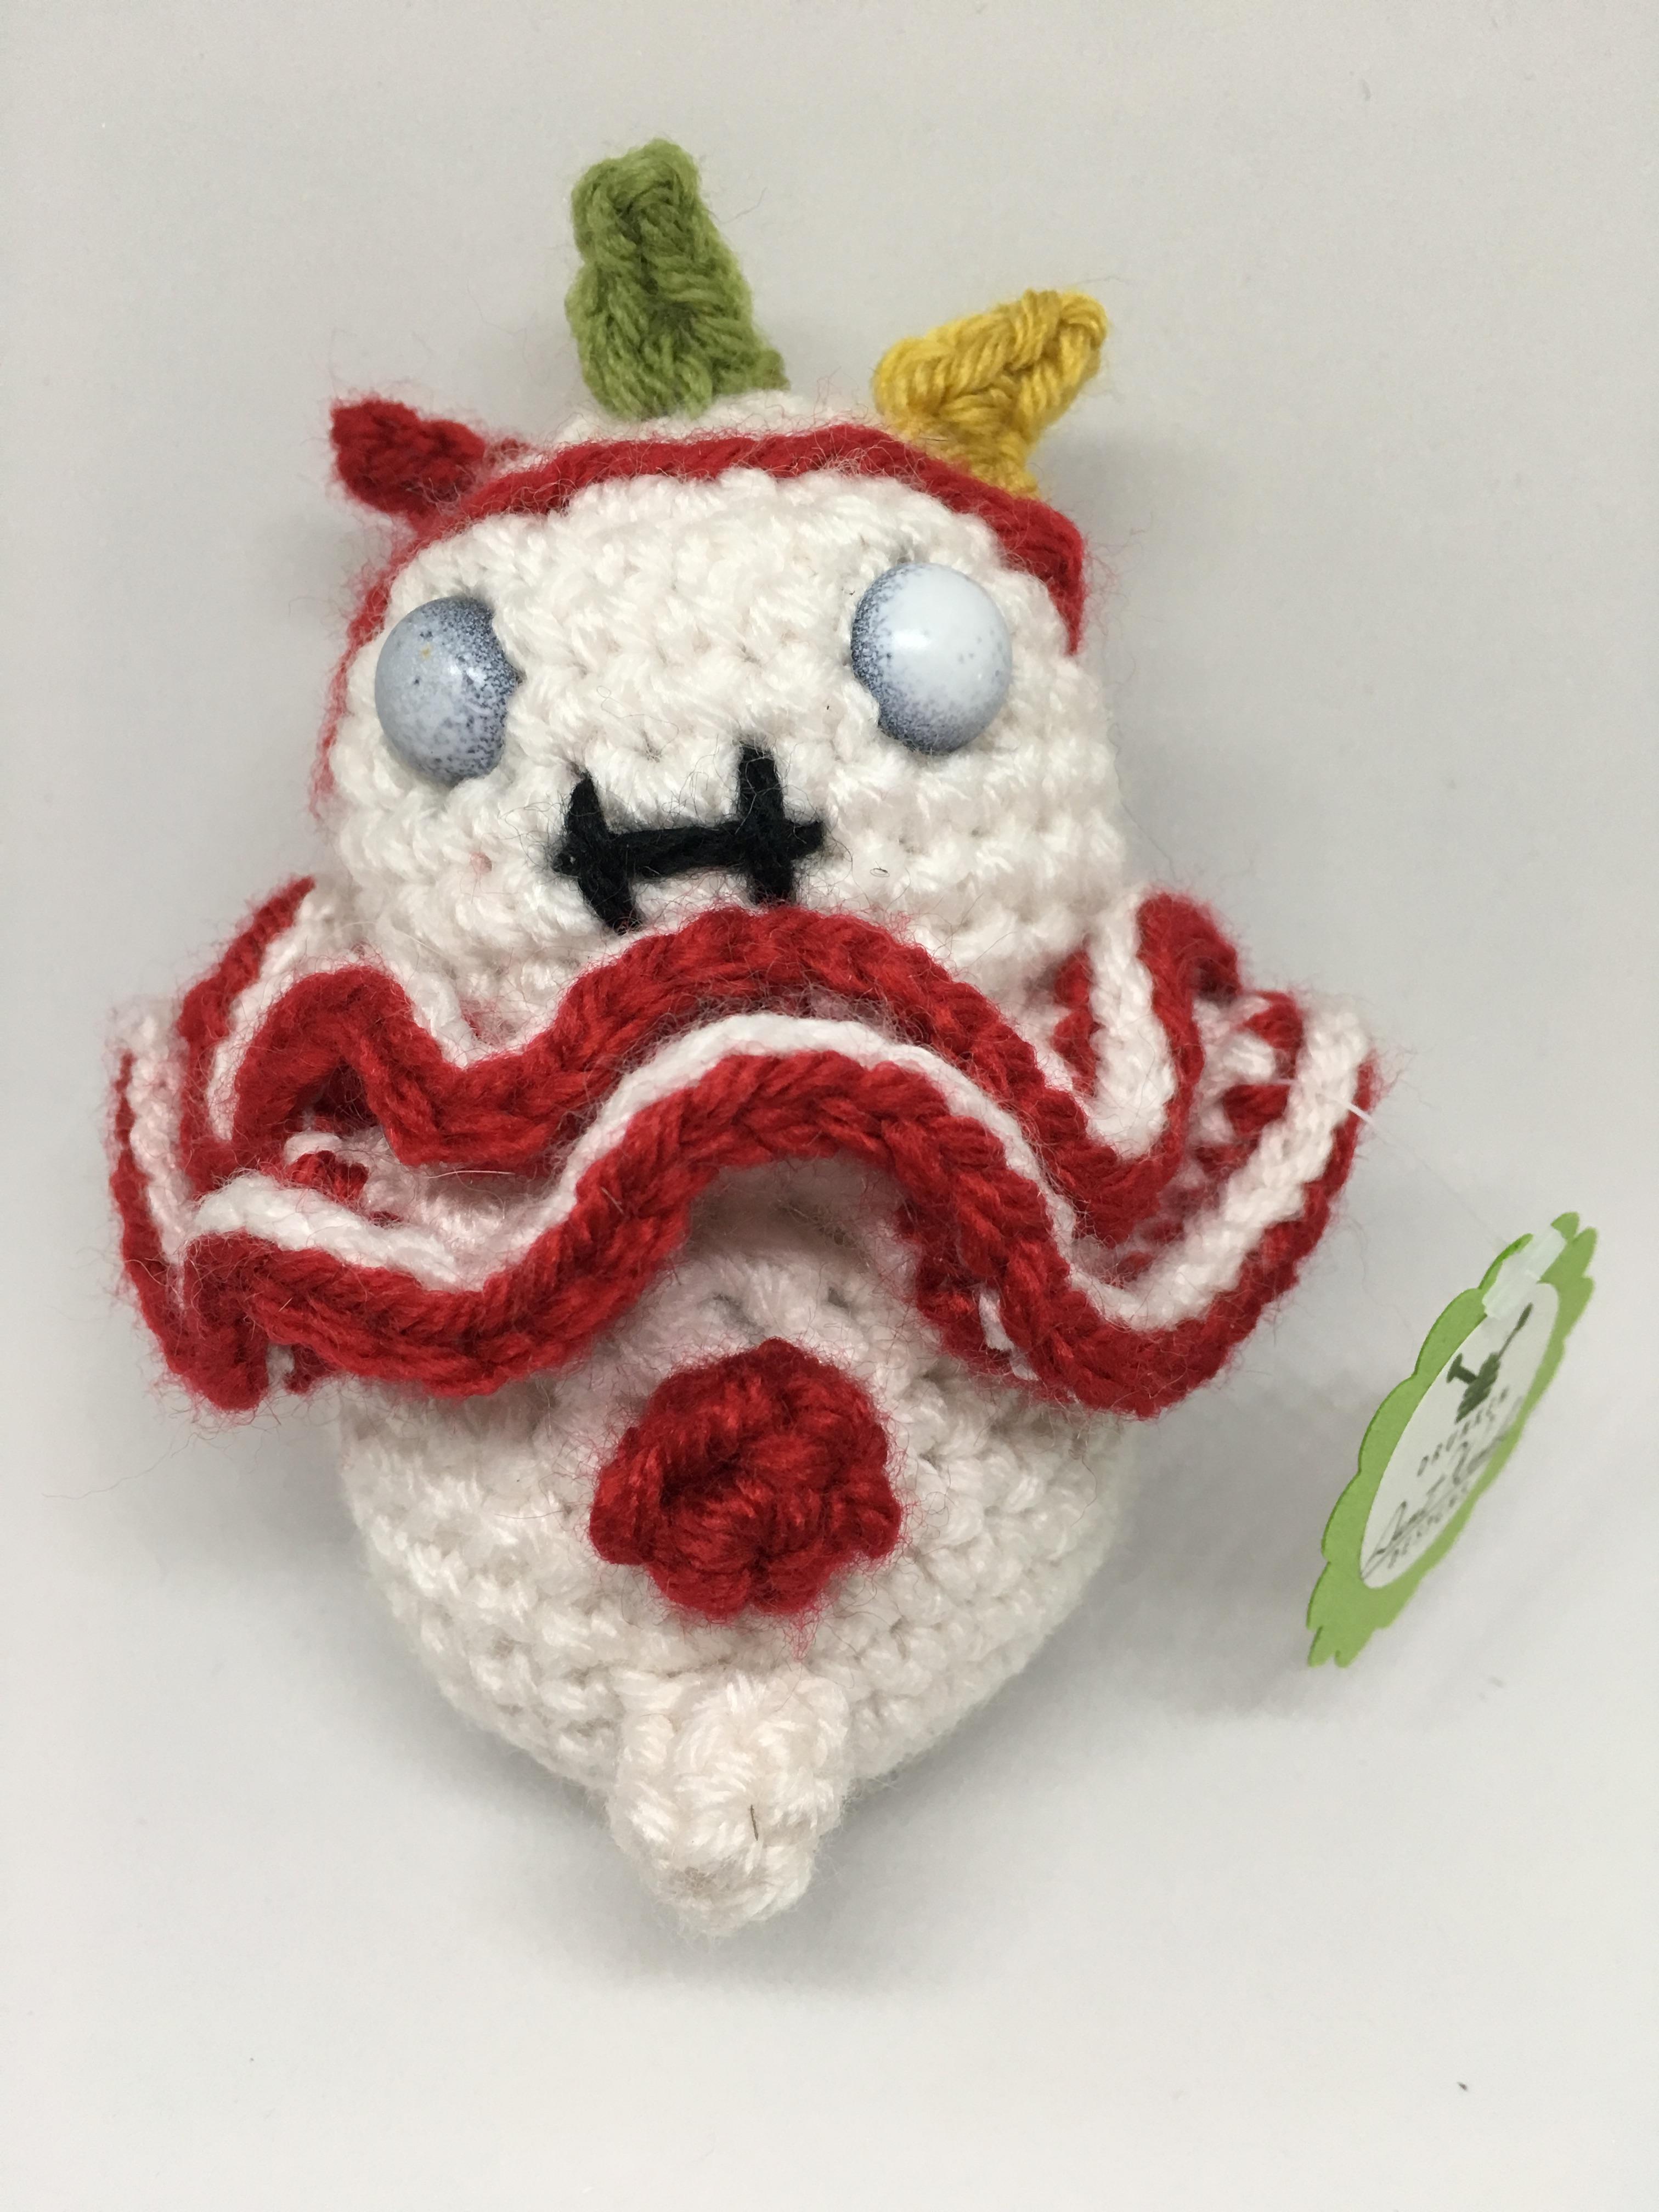 Twisty – Free Crochet Pattern